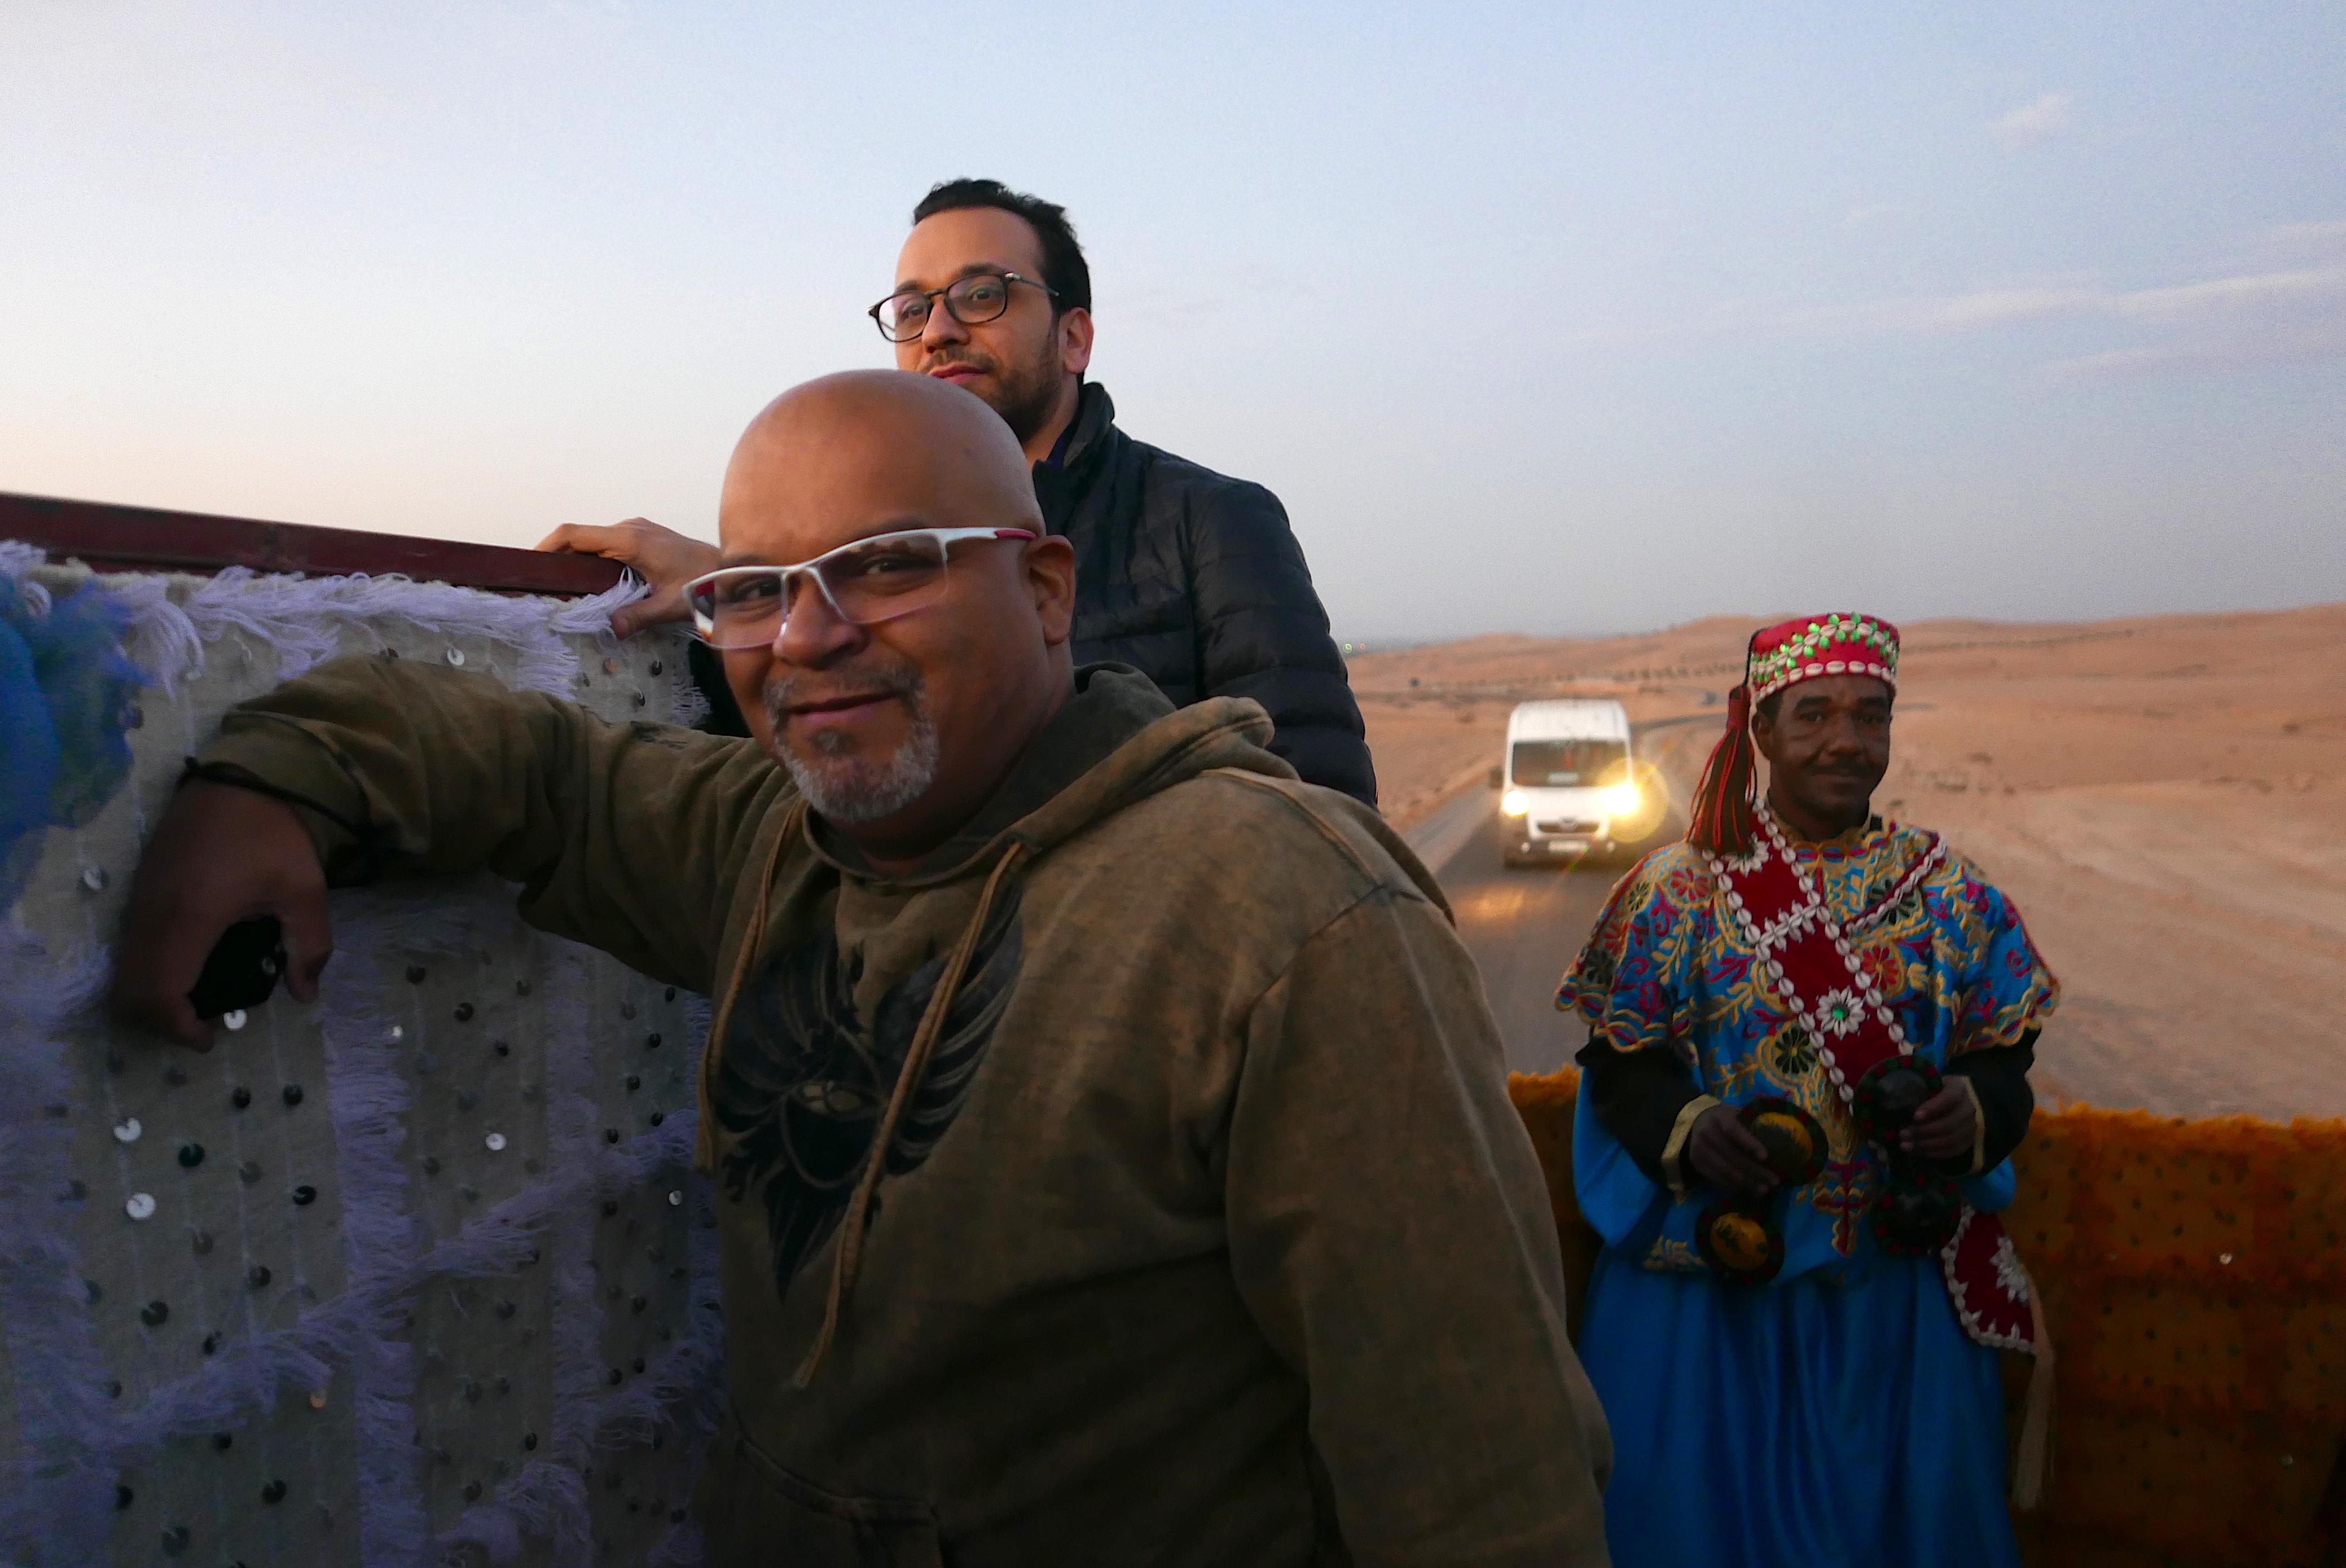 Sérgio Silva, da Flytour Viagens, recebe as boas vindas marroquinas